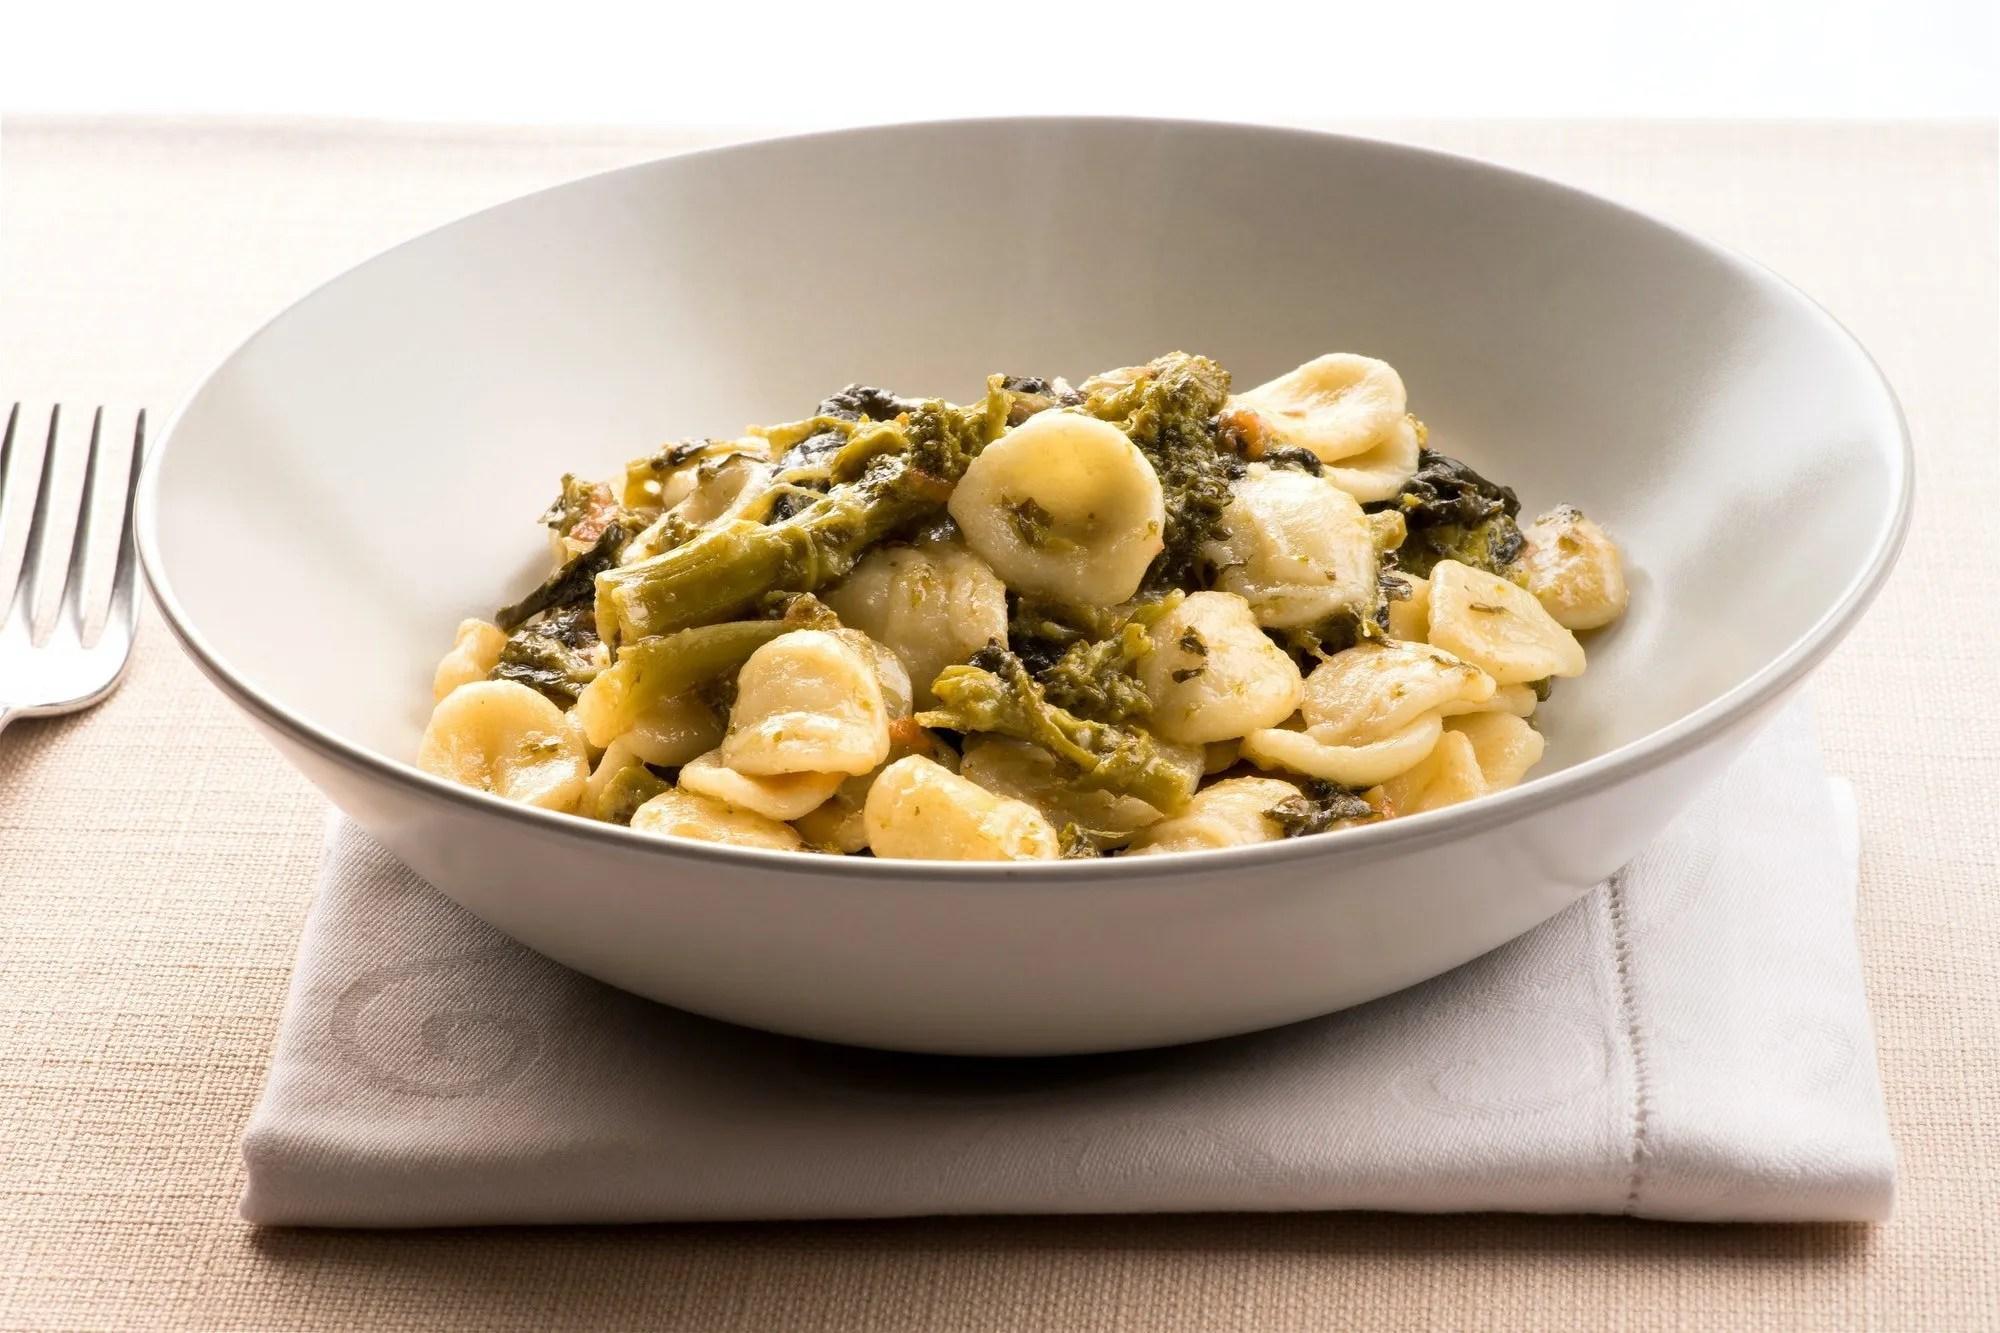 Bowl of Orecchiette Con Cime di Rapa from Puglia